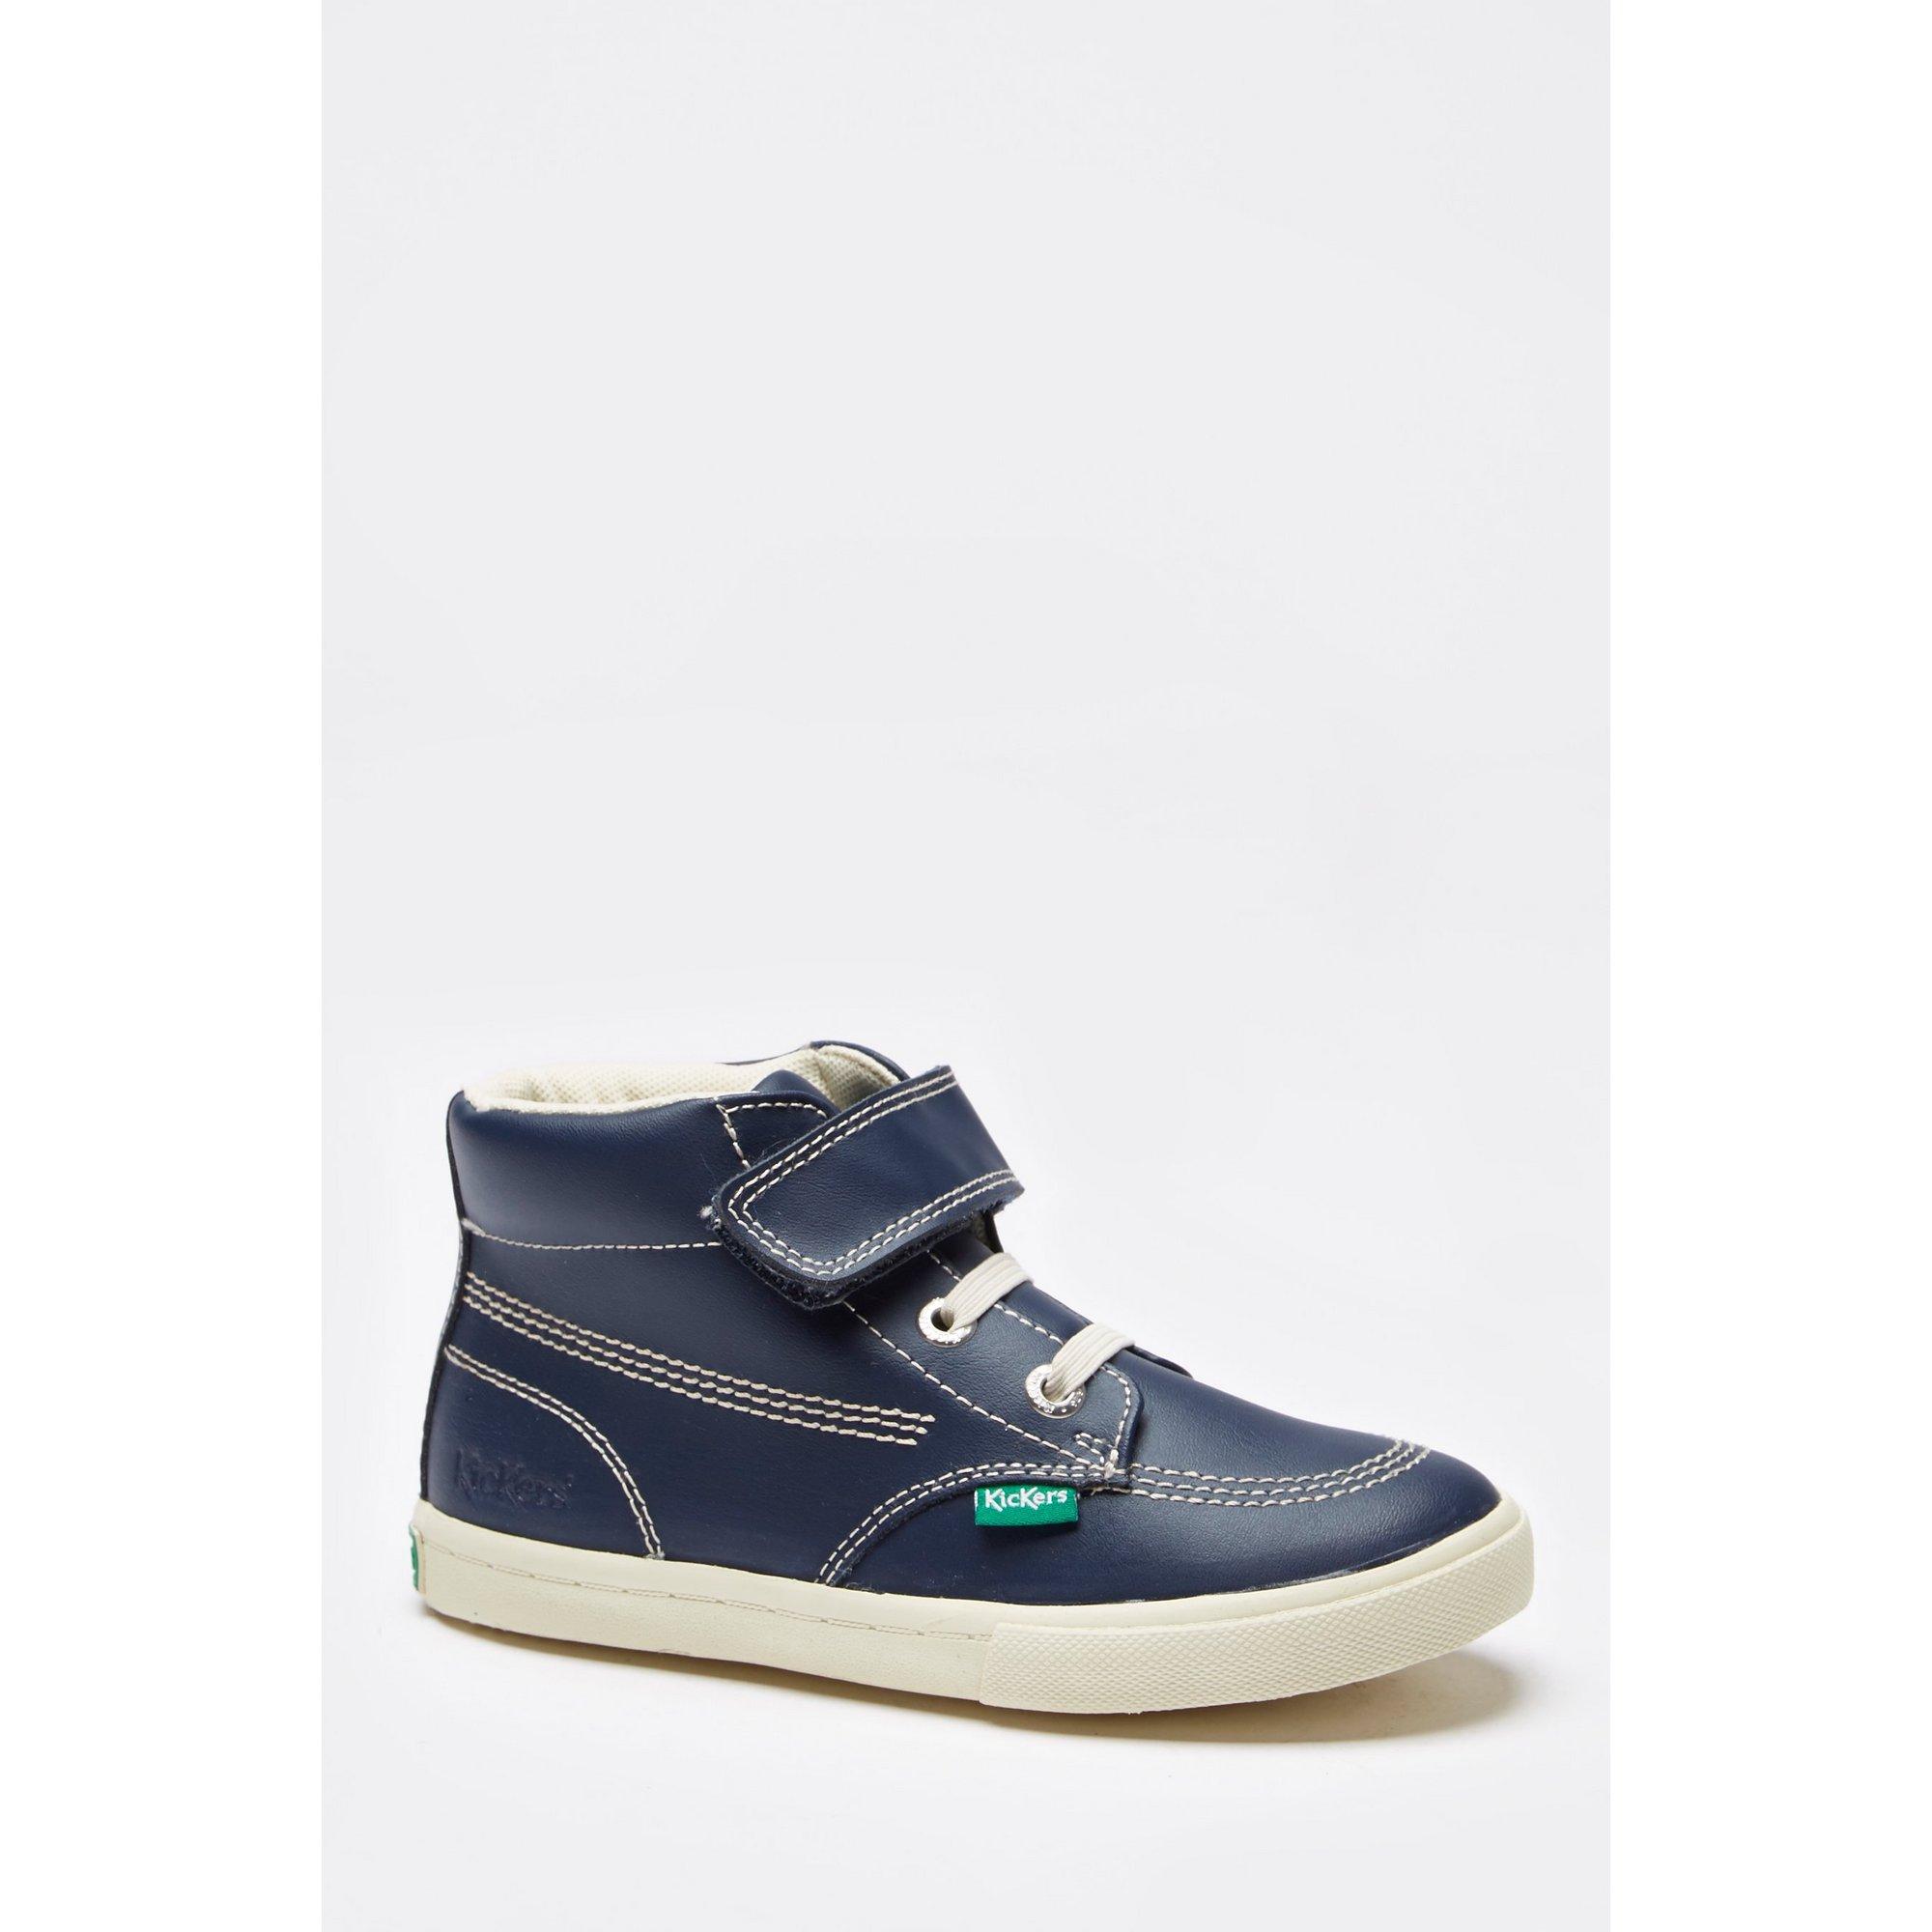 Image of Kickers Kacey Hi Boots